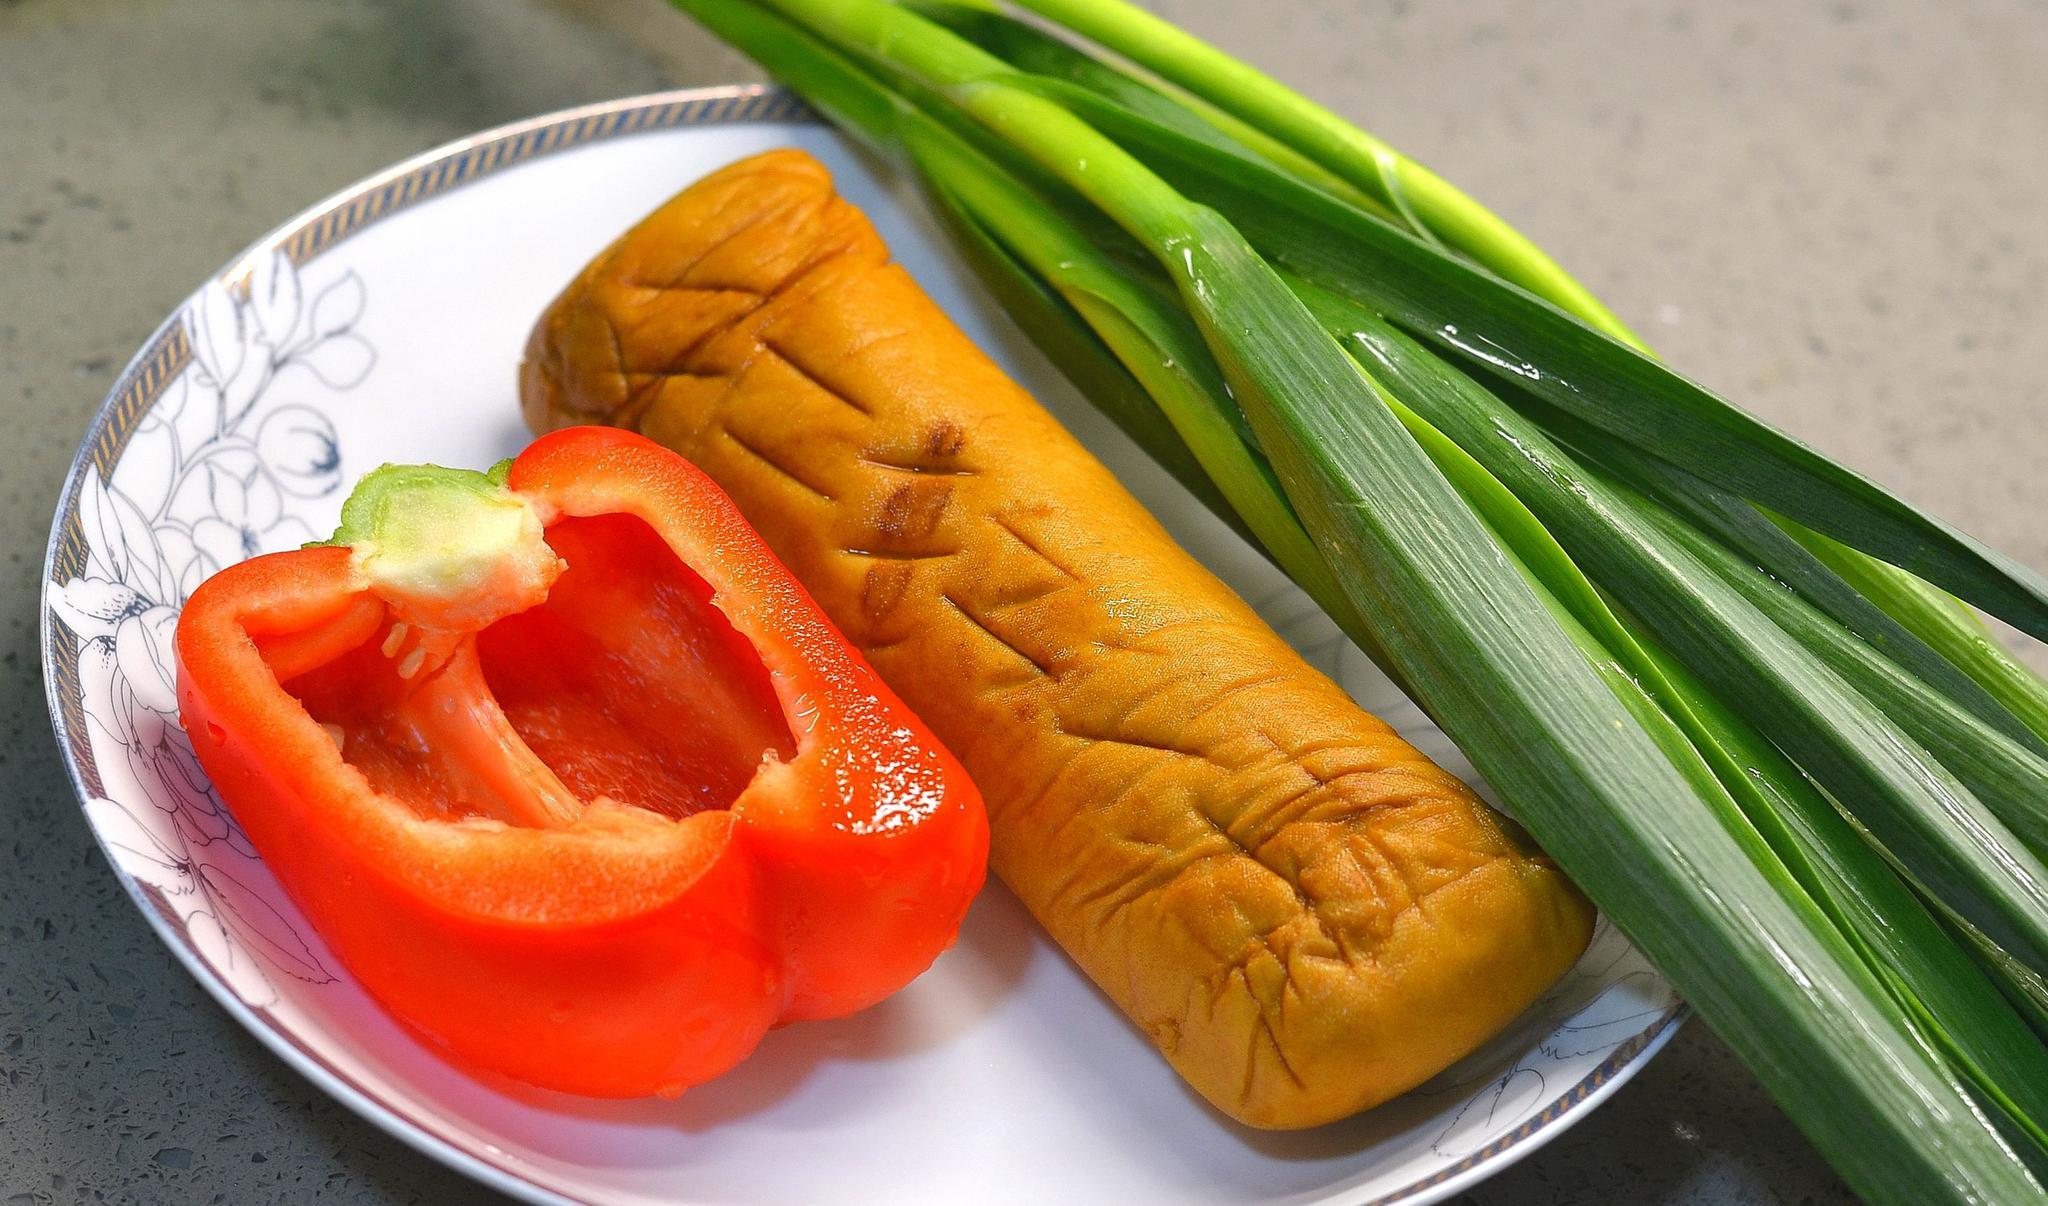 这种美味大豆食品,价廉物美、营养丰富,吃起来有嚼劲